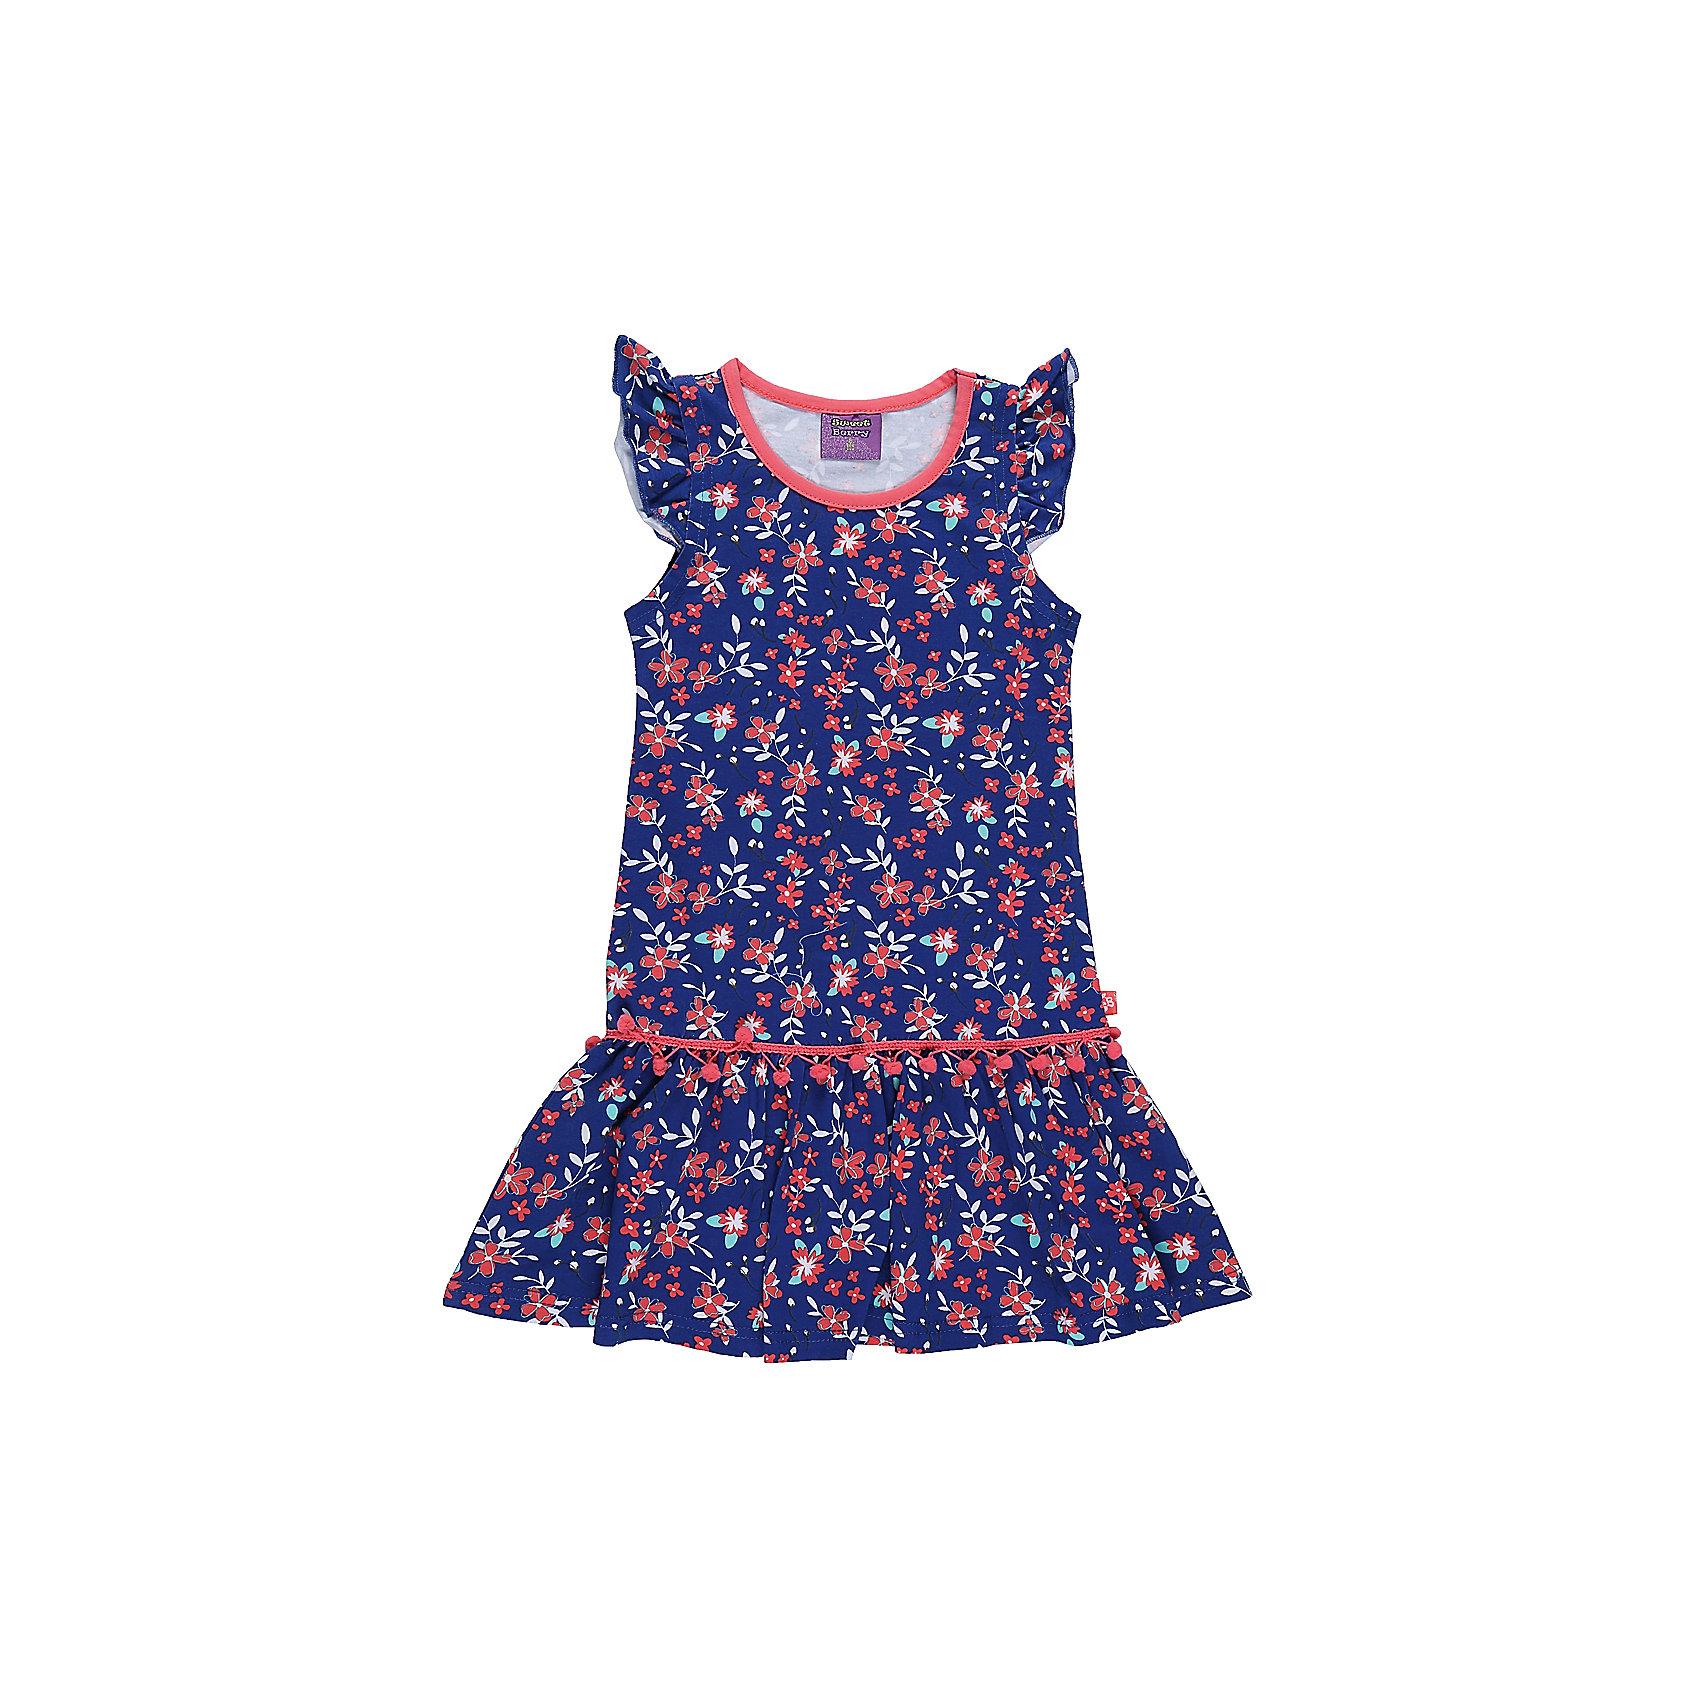 Платье для девочки Sweet BerryЛетние платья и сарафаны<br>Платье из трикотажной принтованной ткани. Рукава-крылышки. Горловина выполнена из контрастной ткани.<br>Состав:<br>95%хлопок 5%эластан<br><br>Ширина мм: 236<br>Глубина мм: 16<br>Высота мм: 184<br>Вес г: 177<br>Цвет: синий<br>Возраст от месяцев: 36<br>Возраст до месяцев: 48<br>Пол: Женский<br>Возраст: Детский<br>Размер: 104,98,110,116,122,128<br>SKU: 5412347